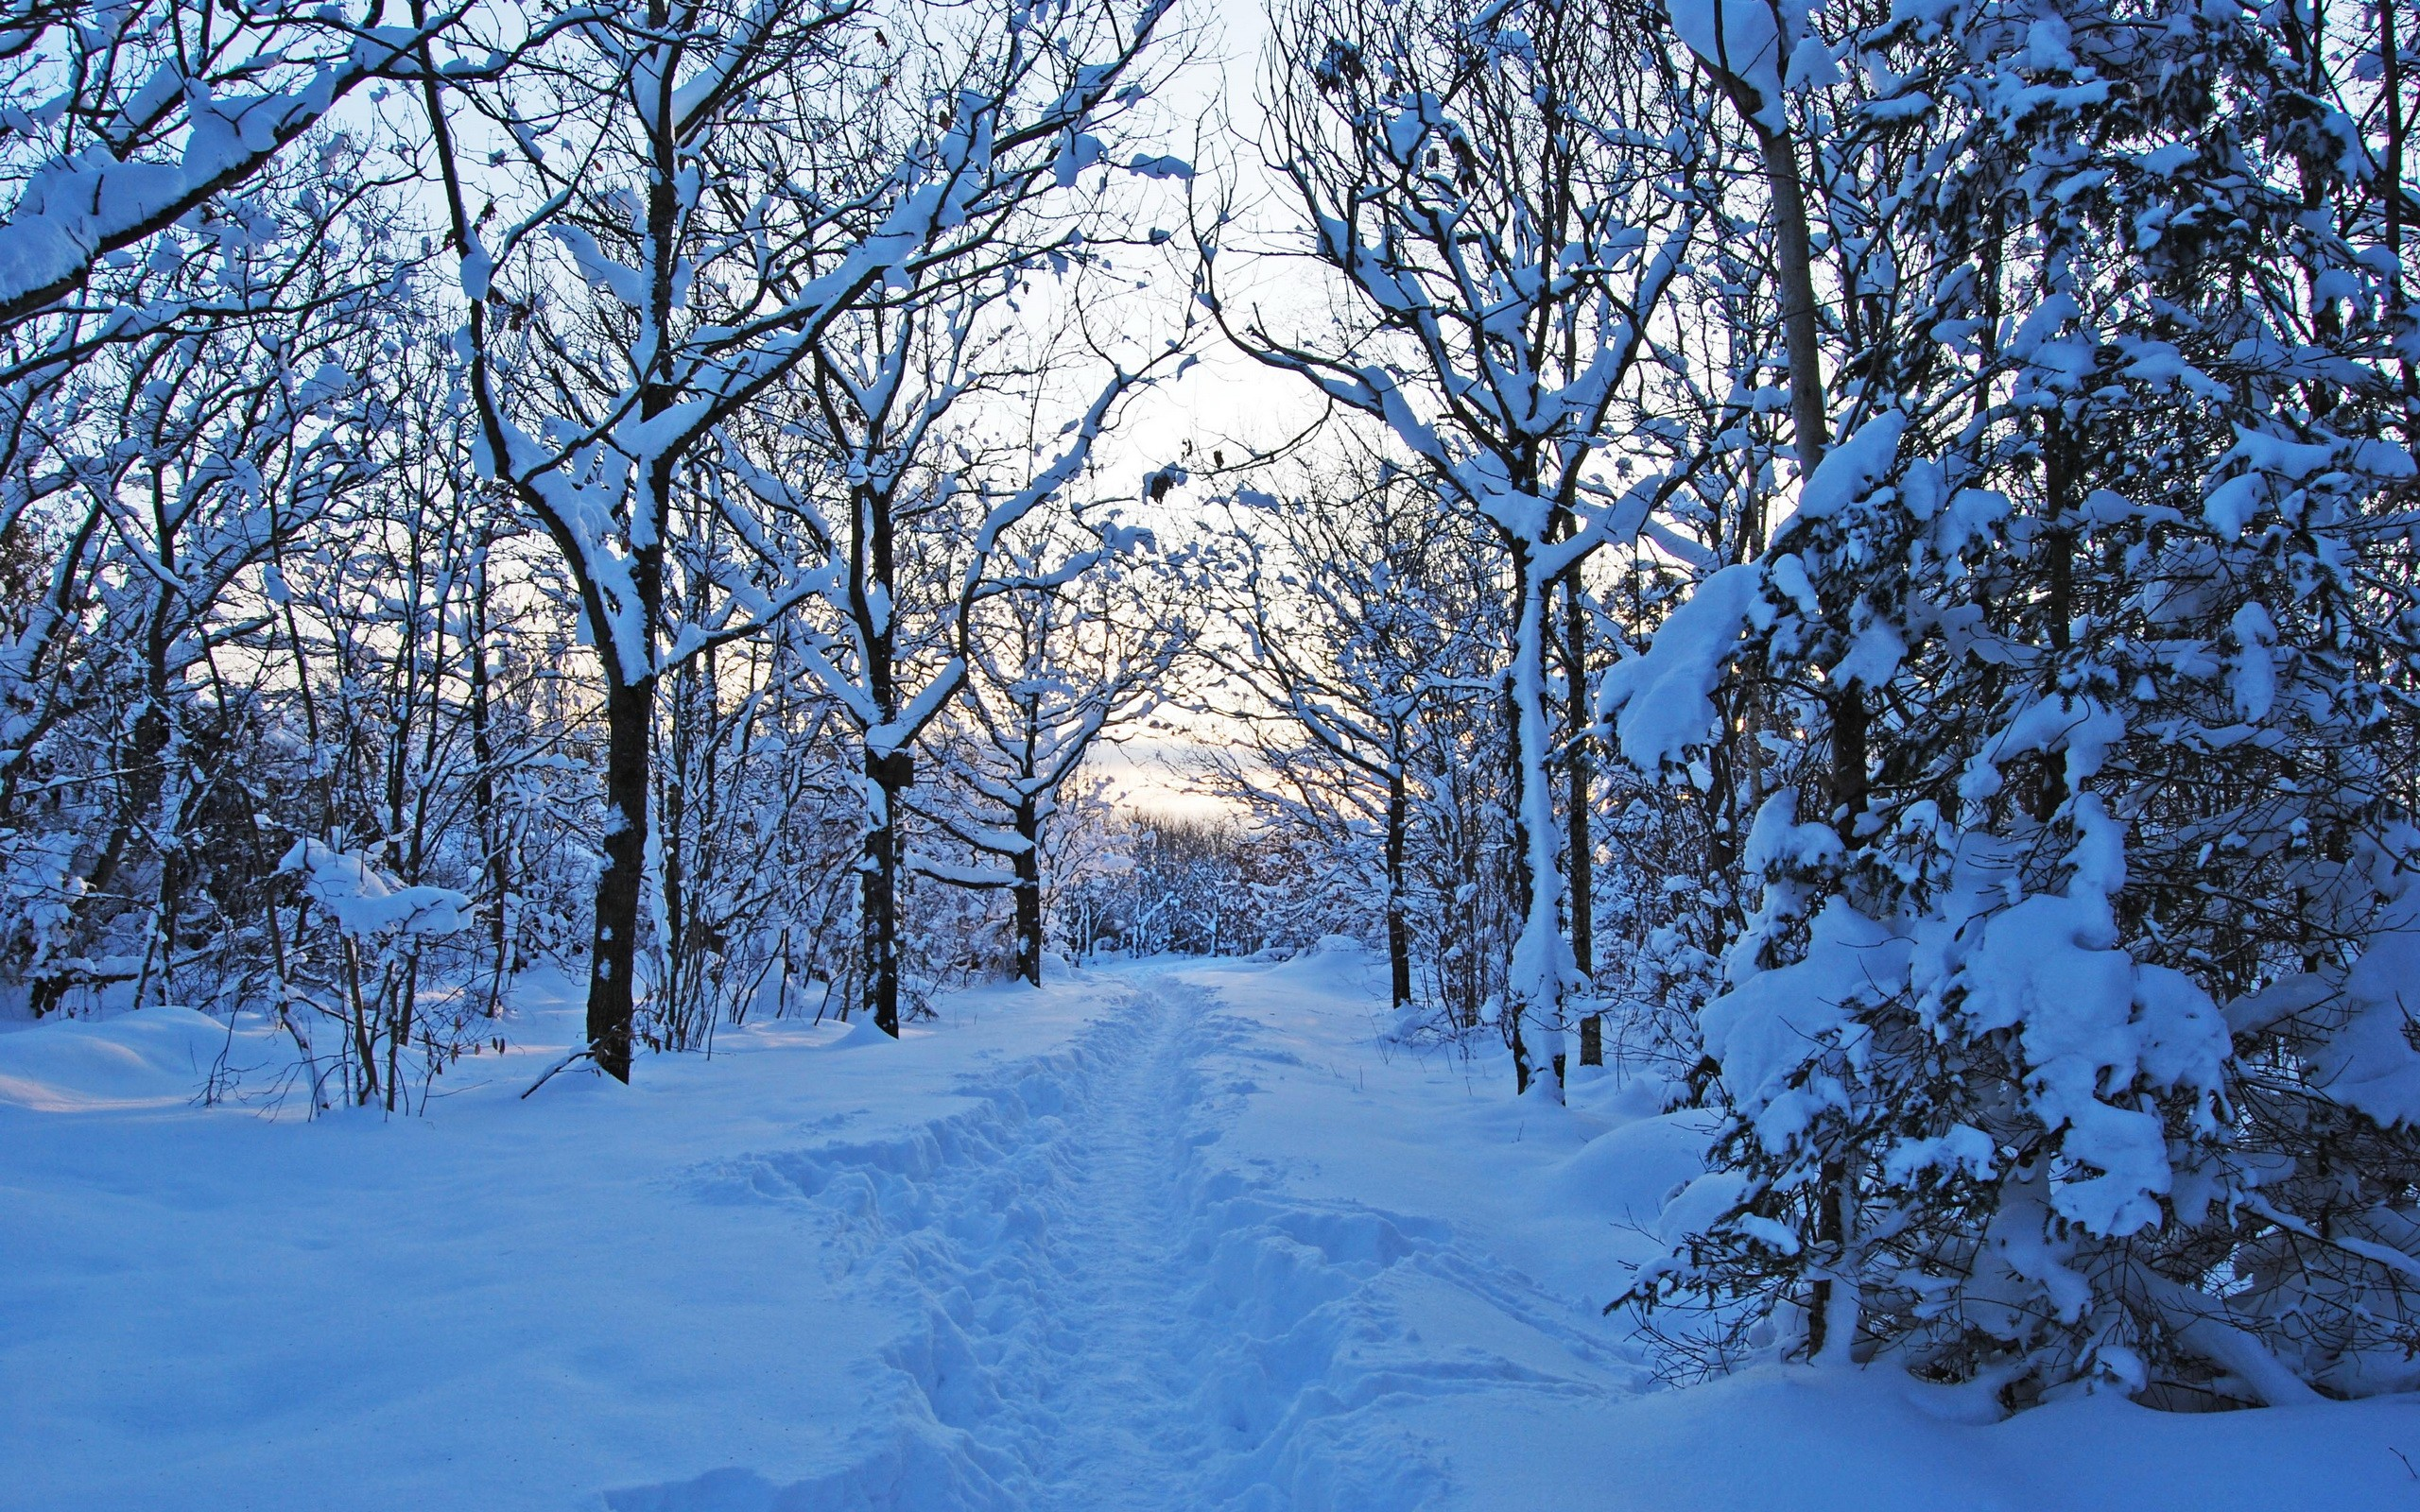 صور صور فصل الشتاء , الشتاء اجمل فصول السنة